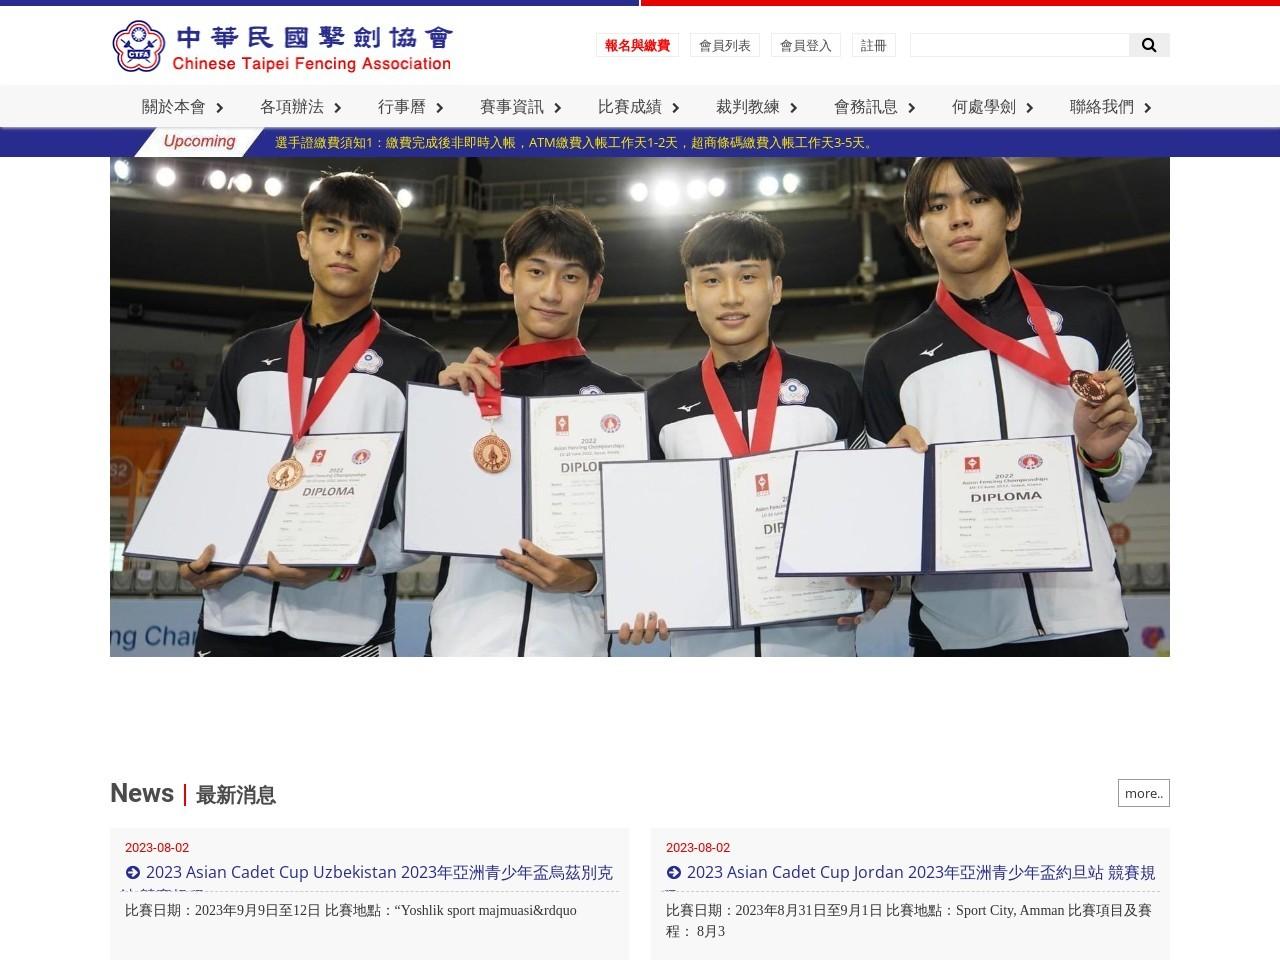 【轉載公告】110年第一屆辰記Arthur盃擊劍錦標賽 賽程表及線上公告系統